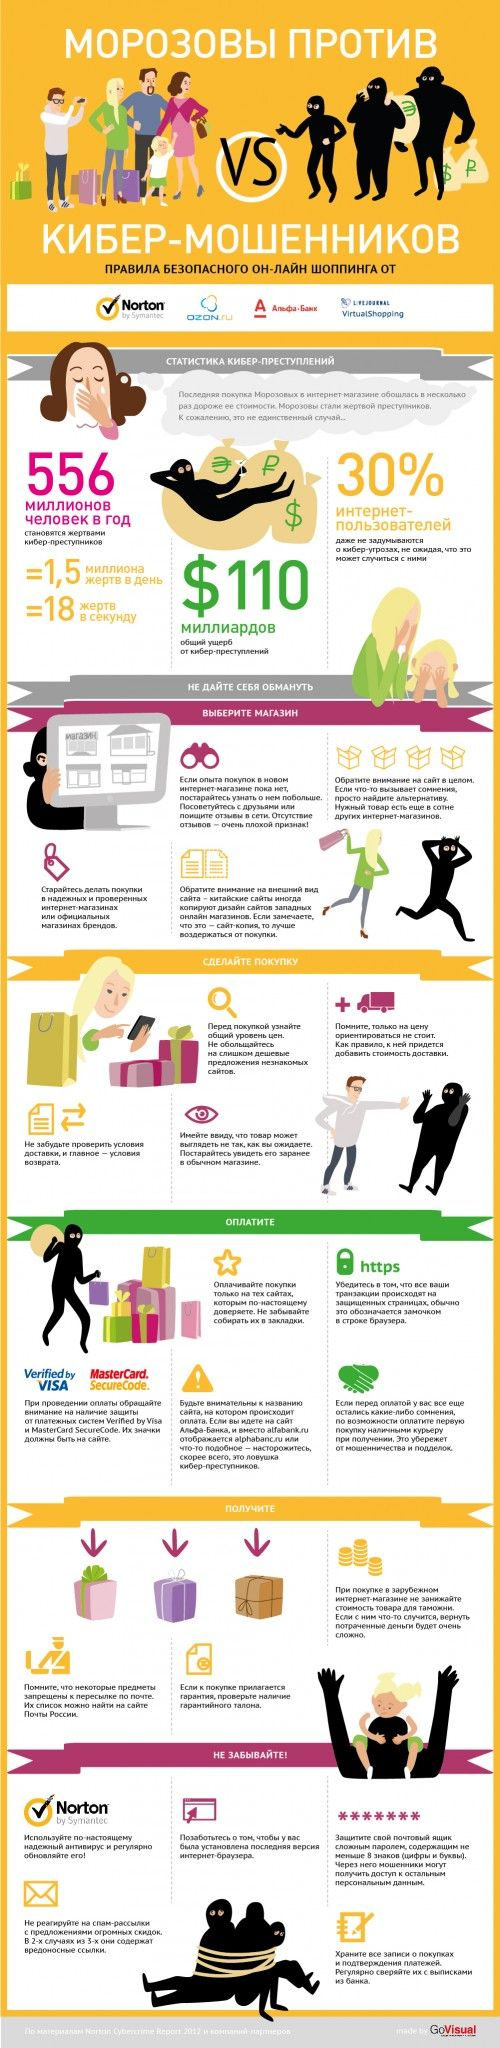 ИНФОГРАФИКА: Правила безопасности покупок в интернете